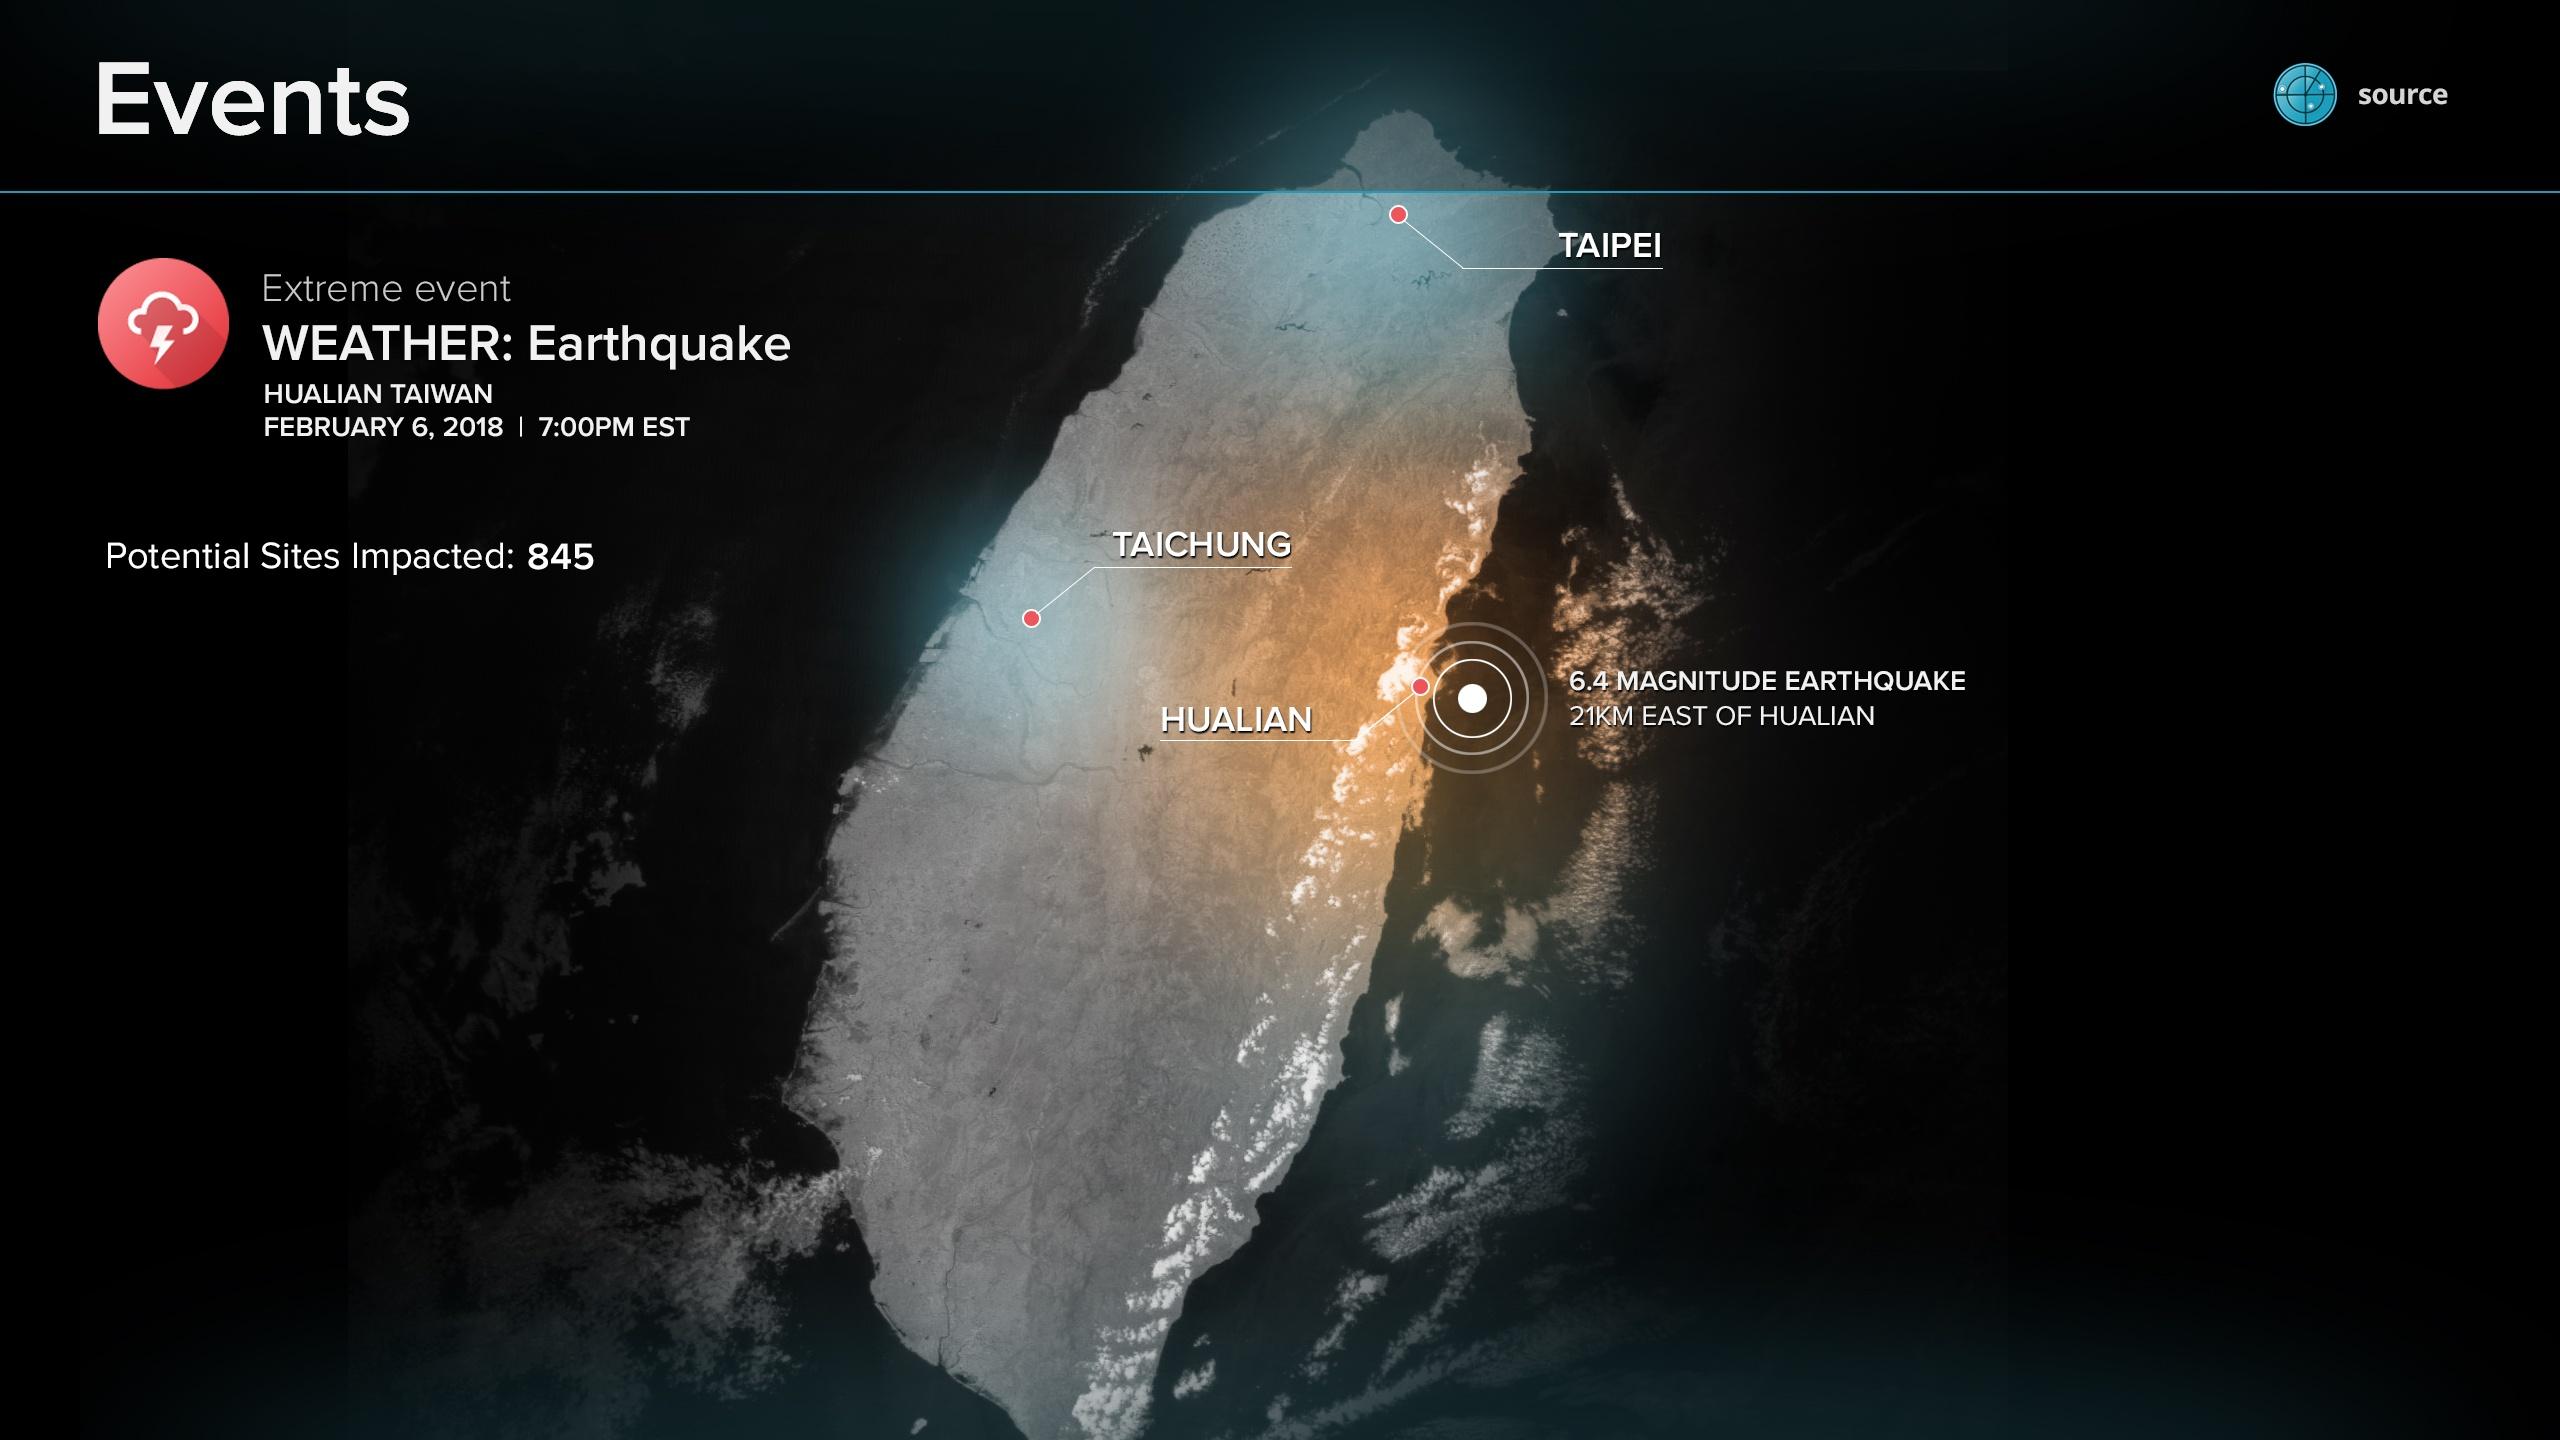 SR_Hualian_earthquakeV2b (1).jpg